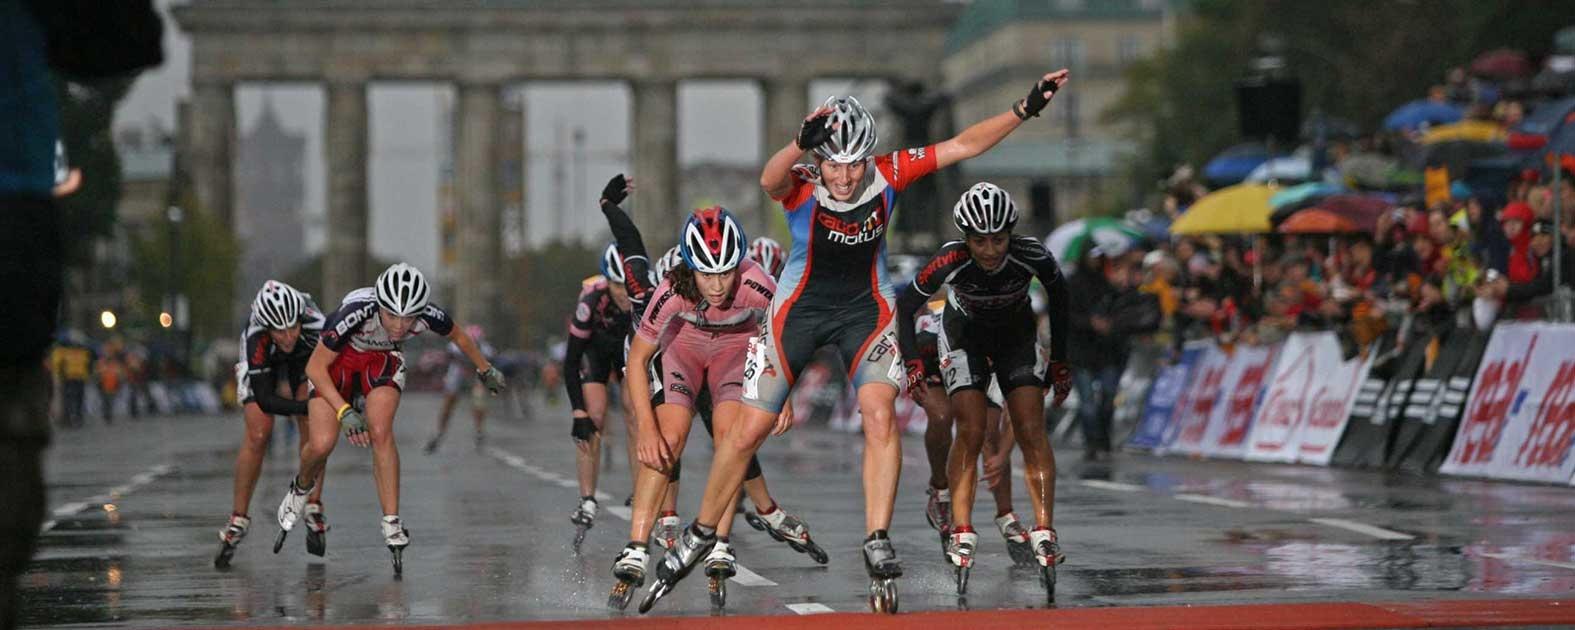 Berlin Inline Marathon 2009